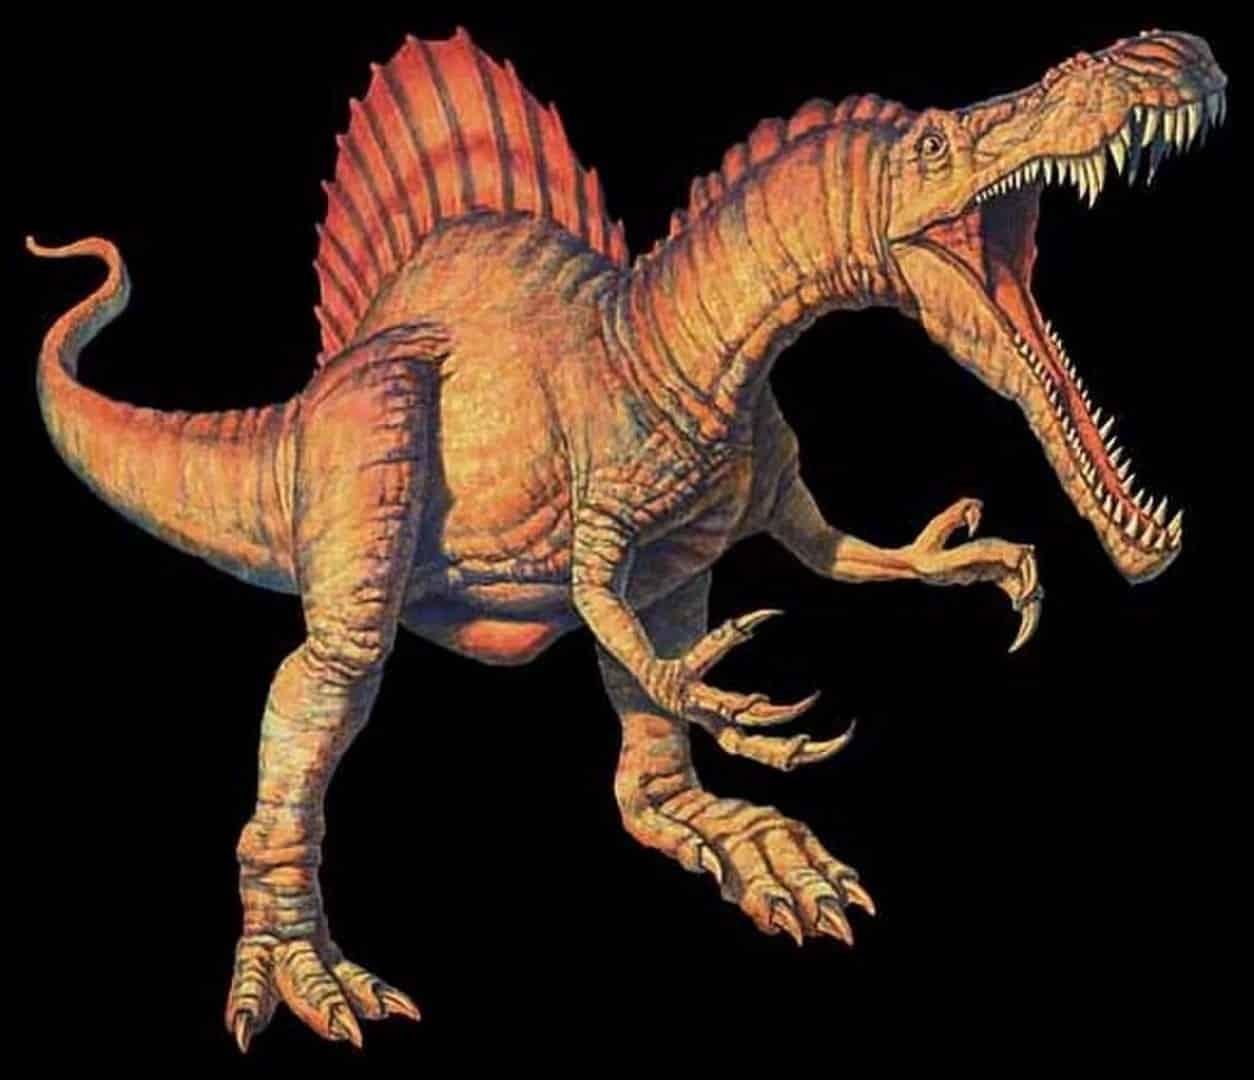 Conheça agora o maior dinossauro carnívoro de todos, o espinossauro